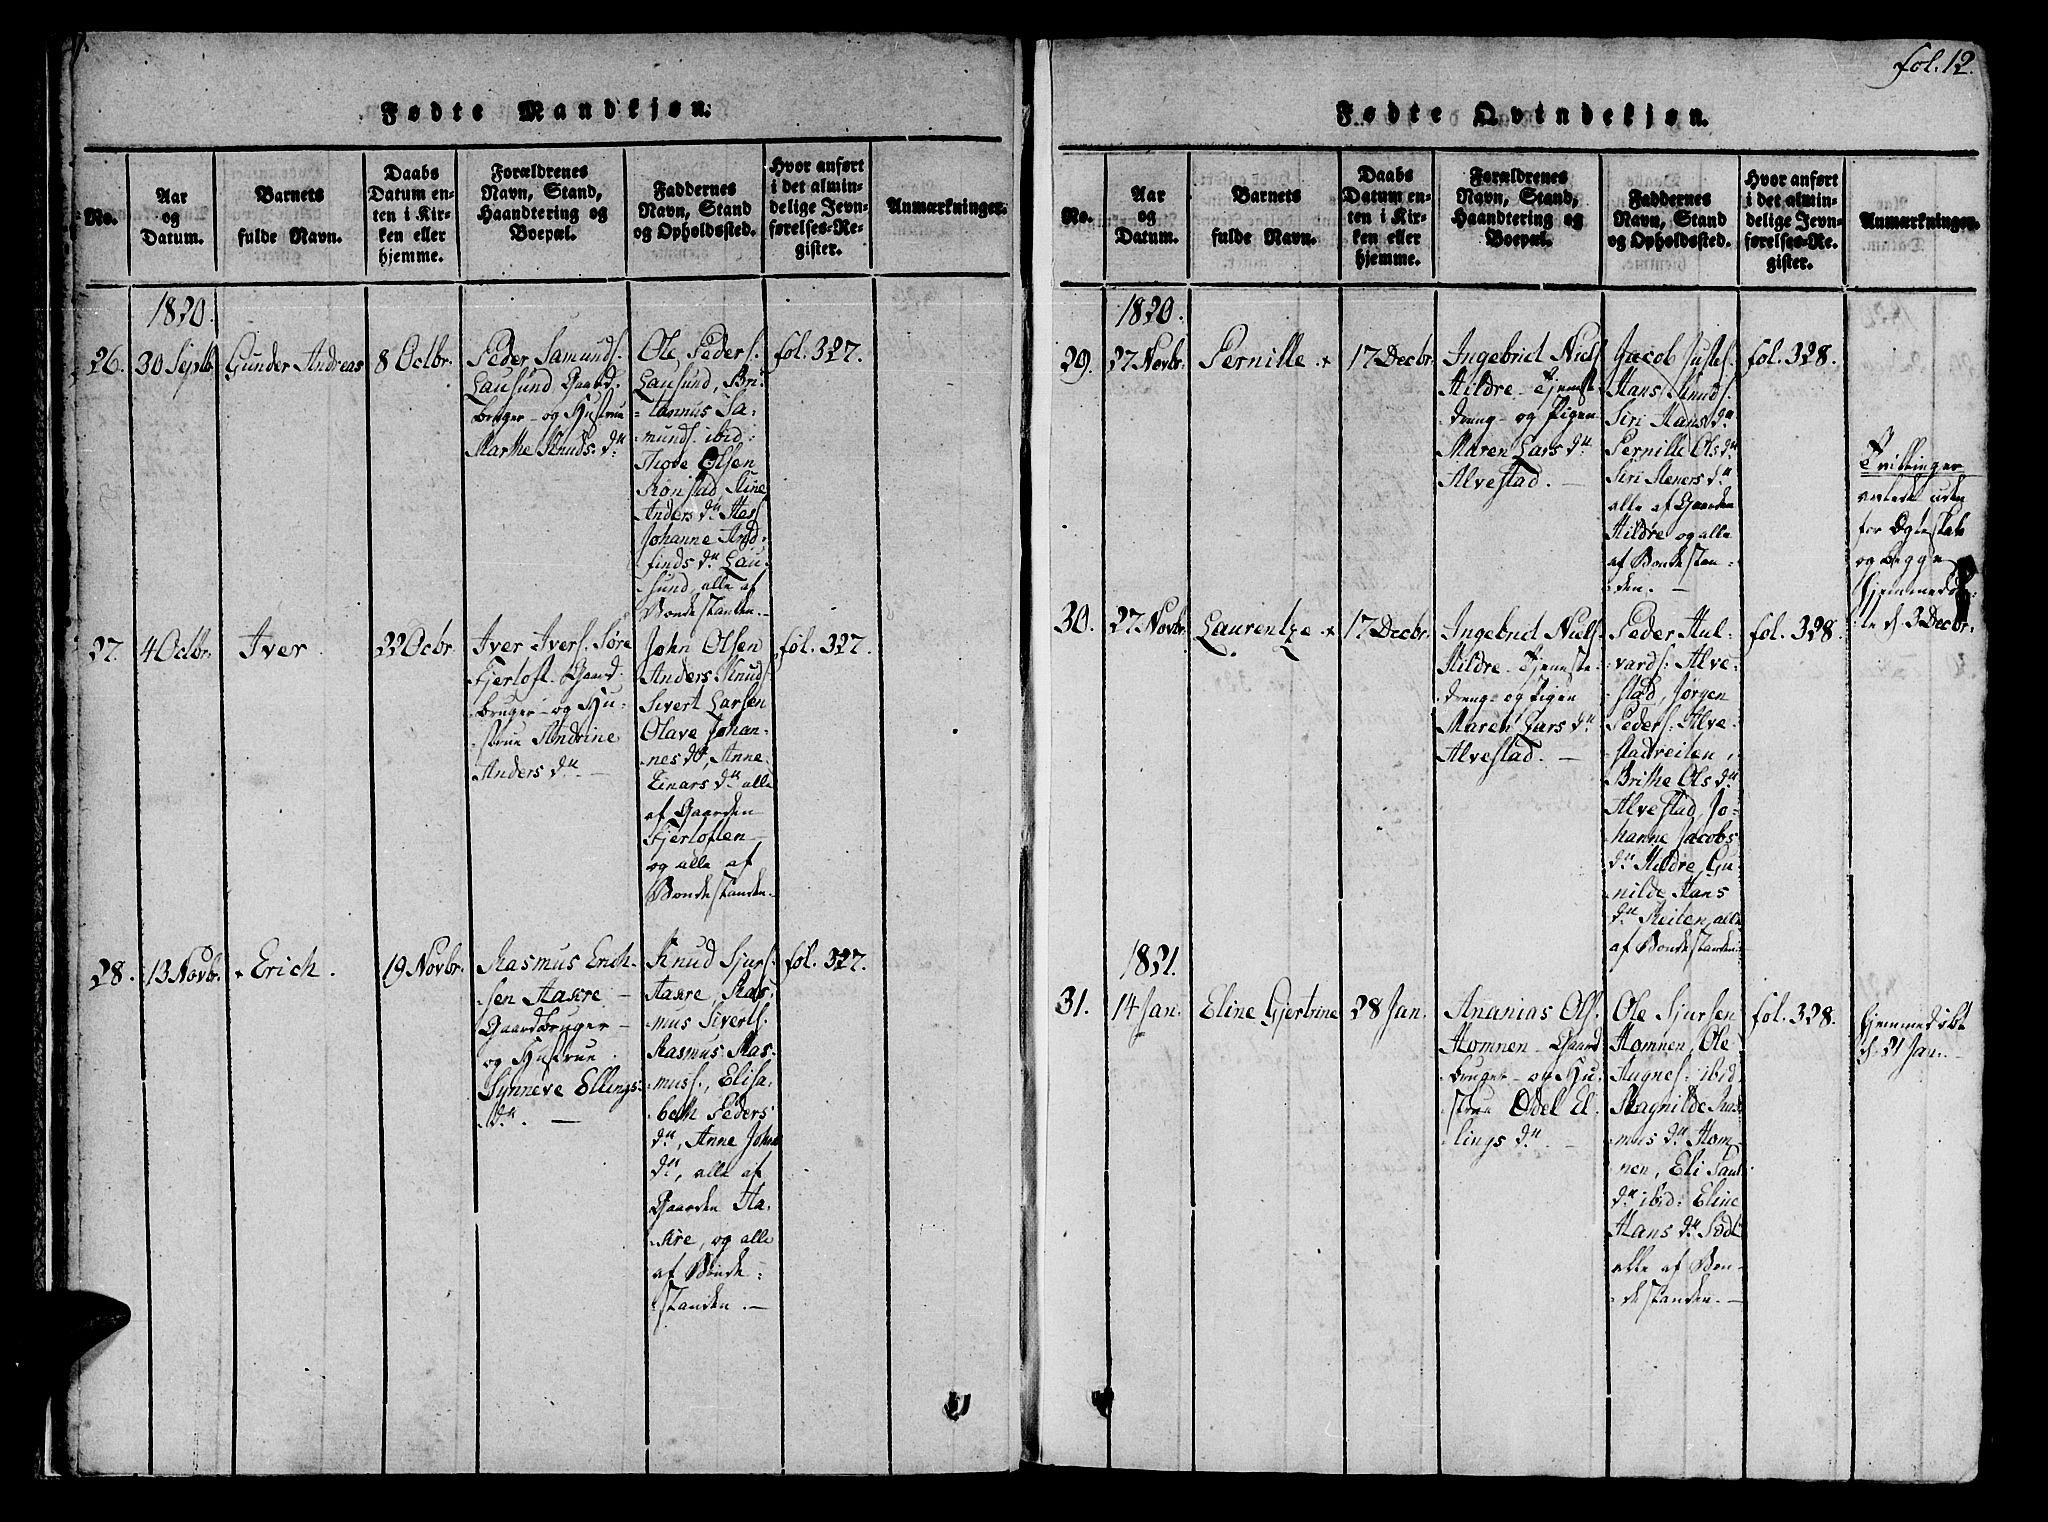 SAT, Ministerialprotokoller, klokkerbøker og fødselsregistre - Møre og Romsdal, 536/L0495: Ministerialbok nr. 536A04, 1818-1847, s. 12